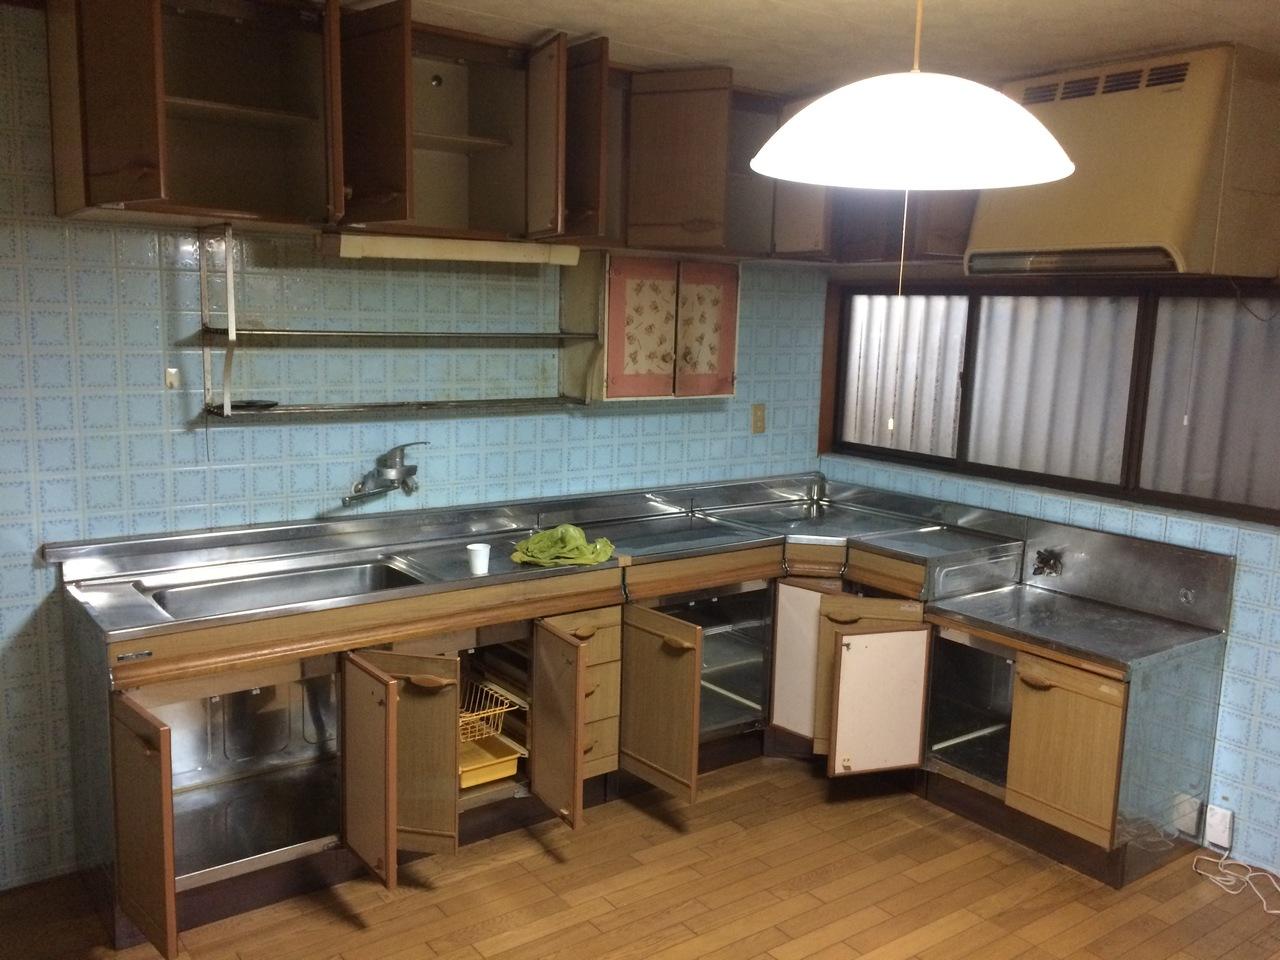 建物の内観写真です。 ①キッチン